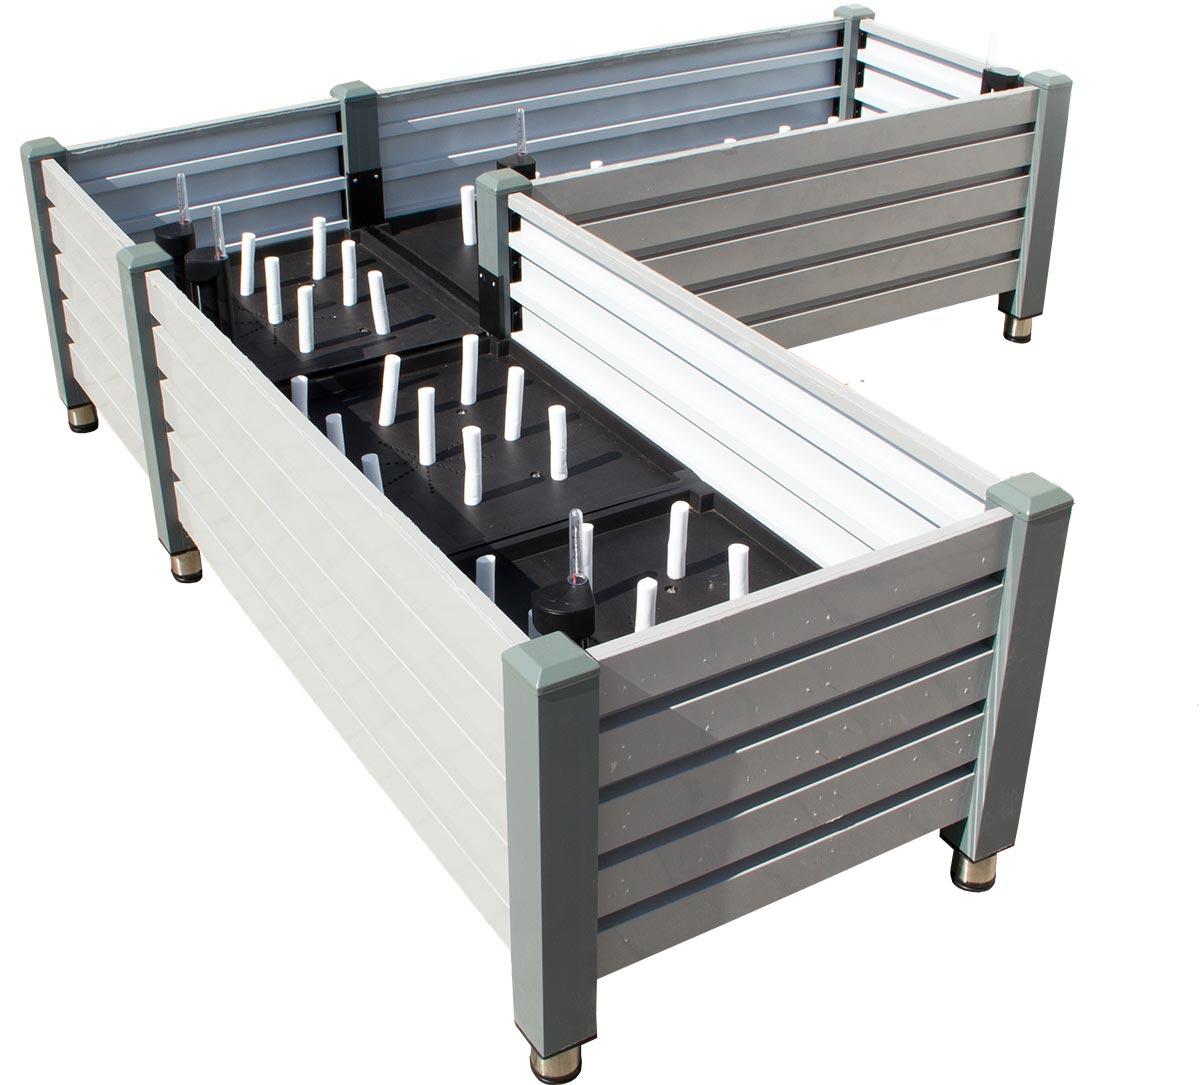 Premium Eck Hochbeet Milano Bewasserungssystem Erweiterbar Metall